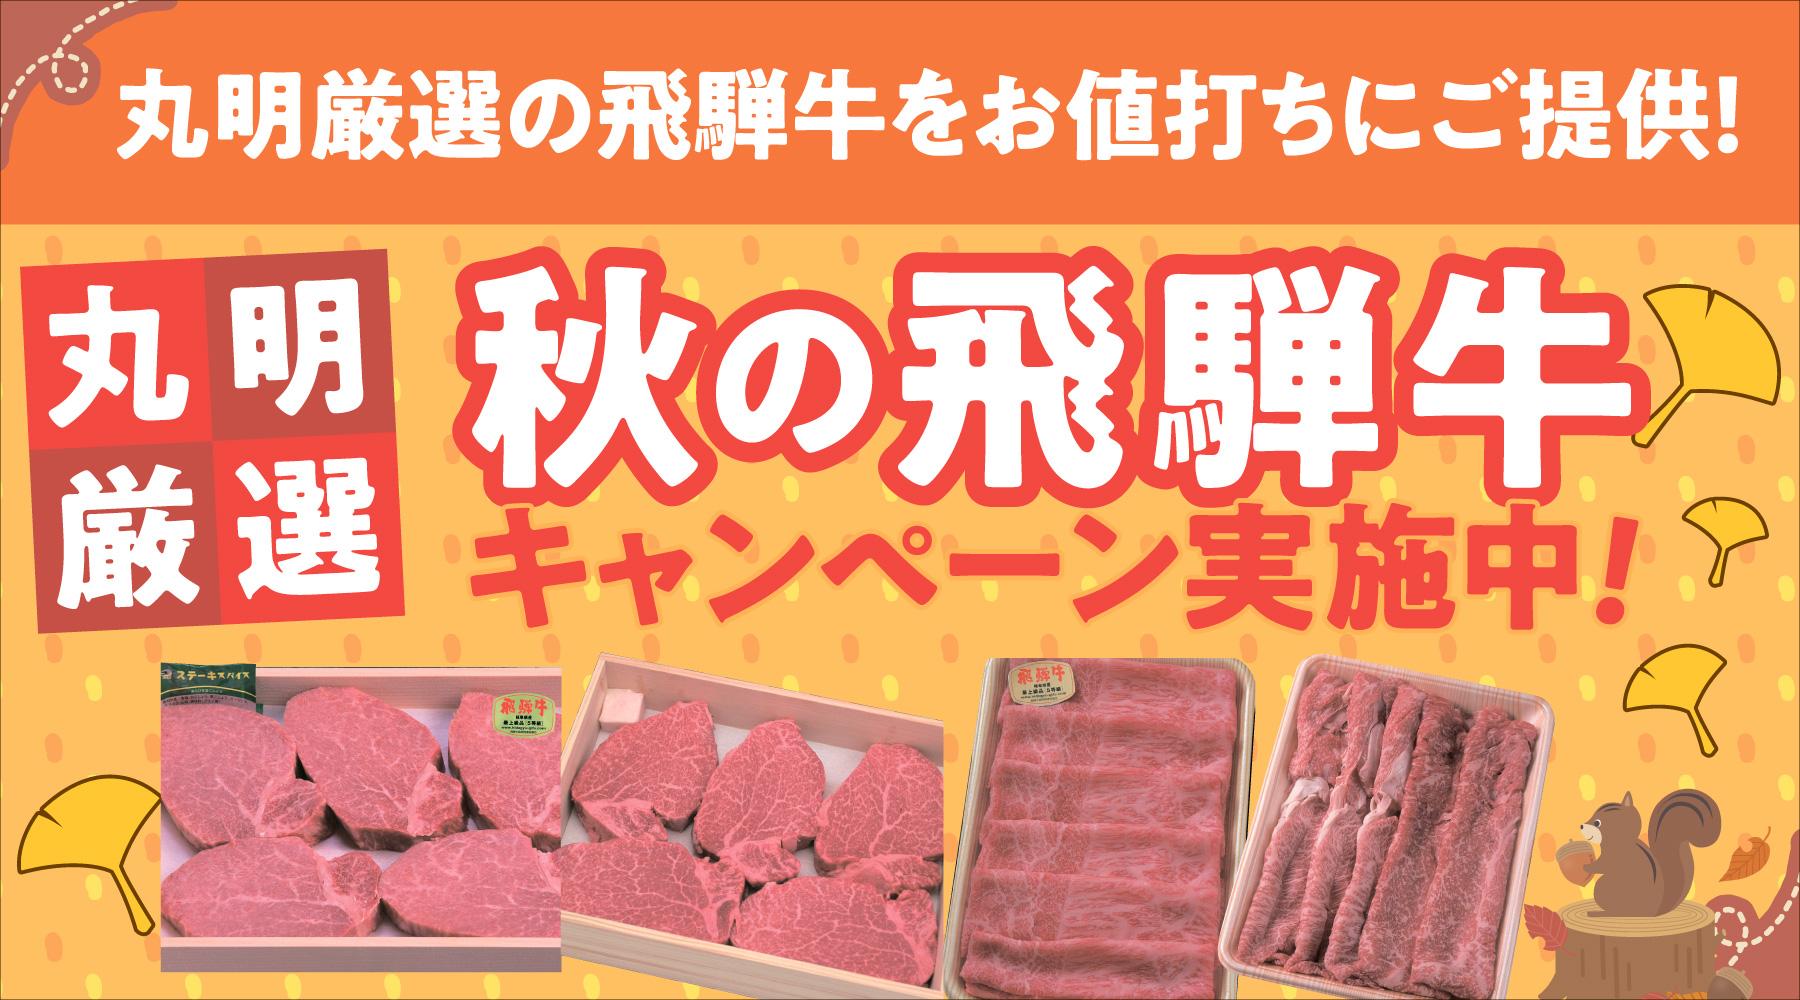 秋の飛騨牛キャンペーン